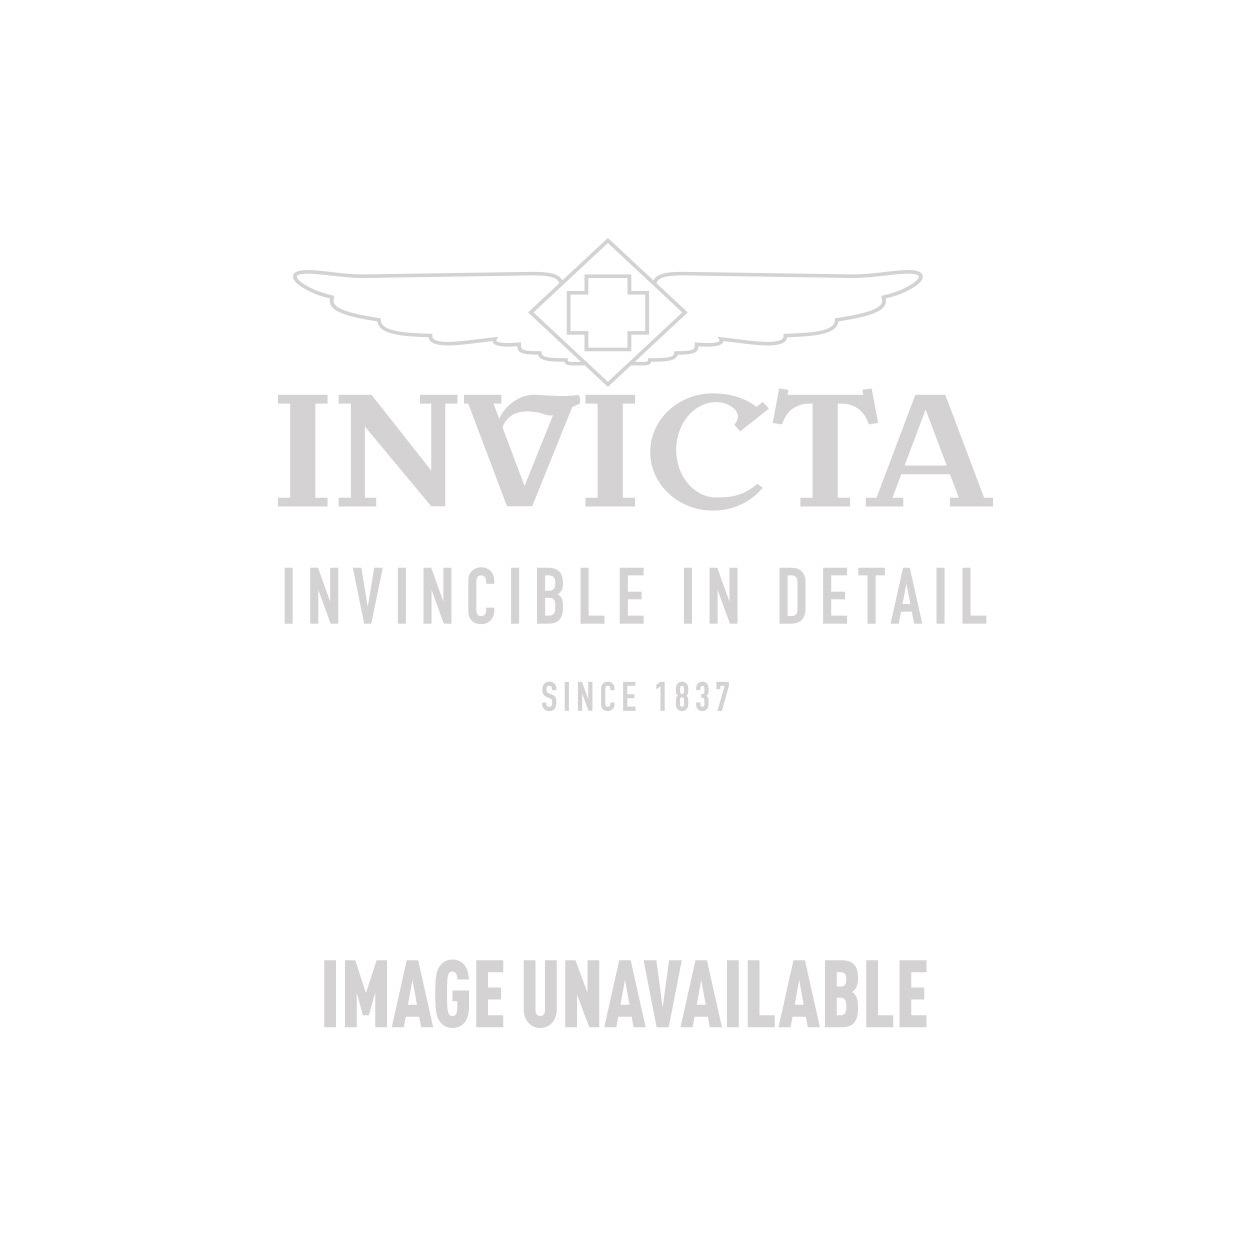 Invicta Model 27404